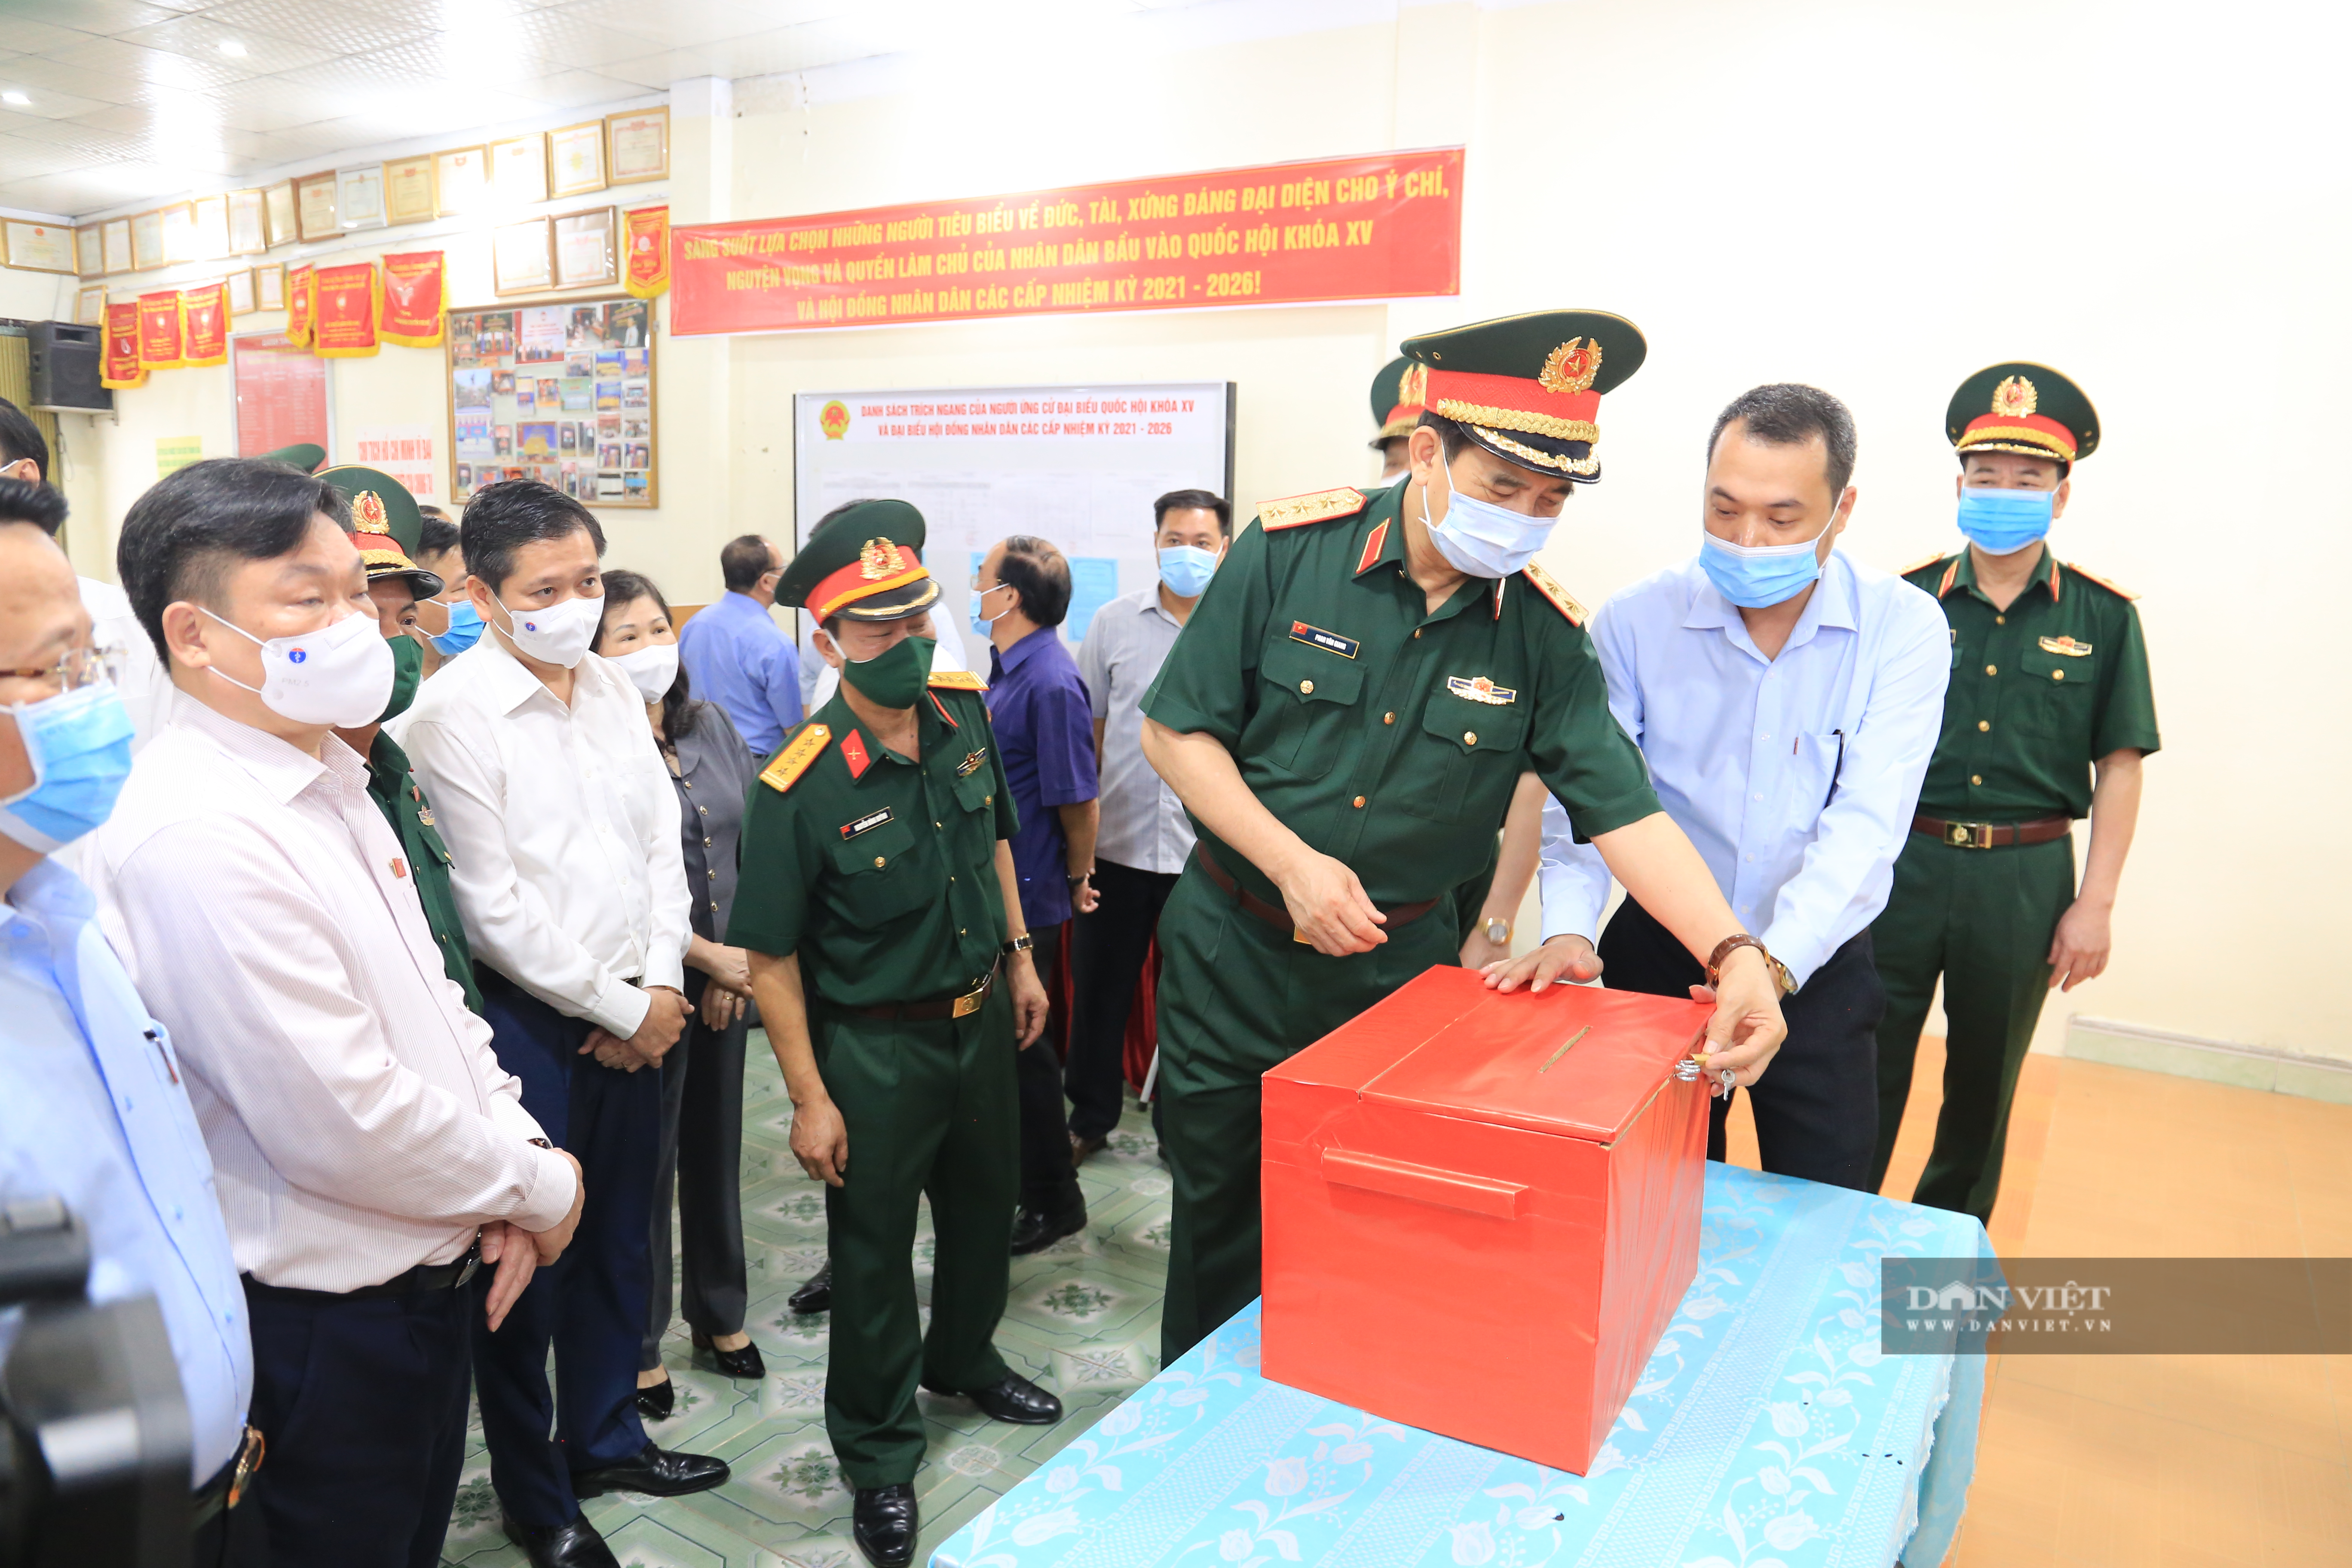 Bắc Kạn: Bộ trưởng Bộ Quốc phòng kiểm tra công tác bầu cử - Ảnh 3.